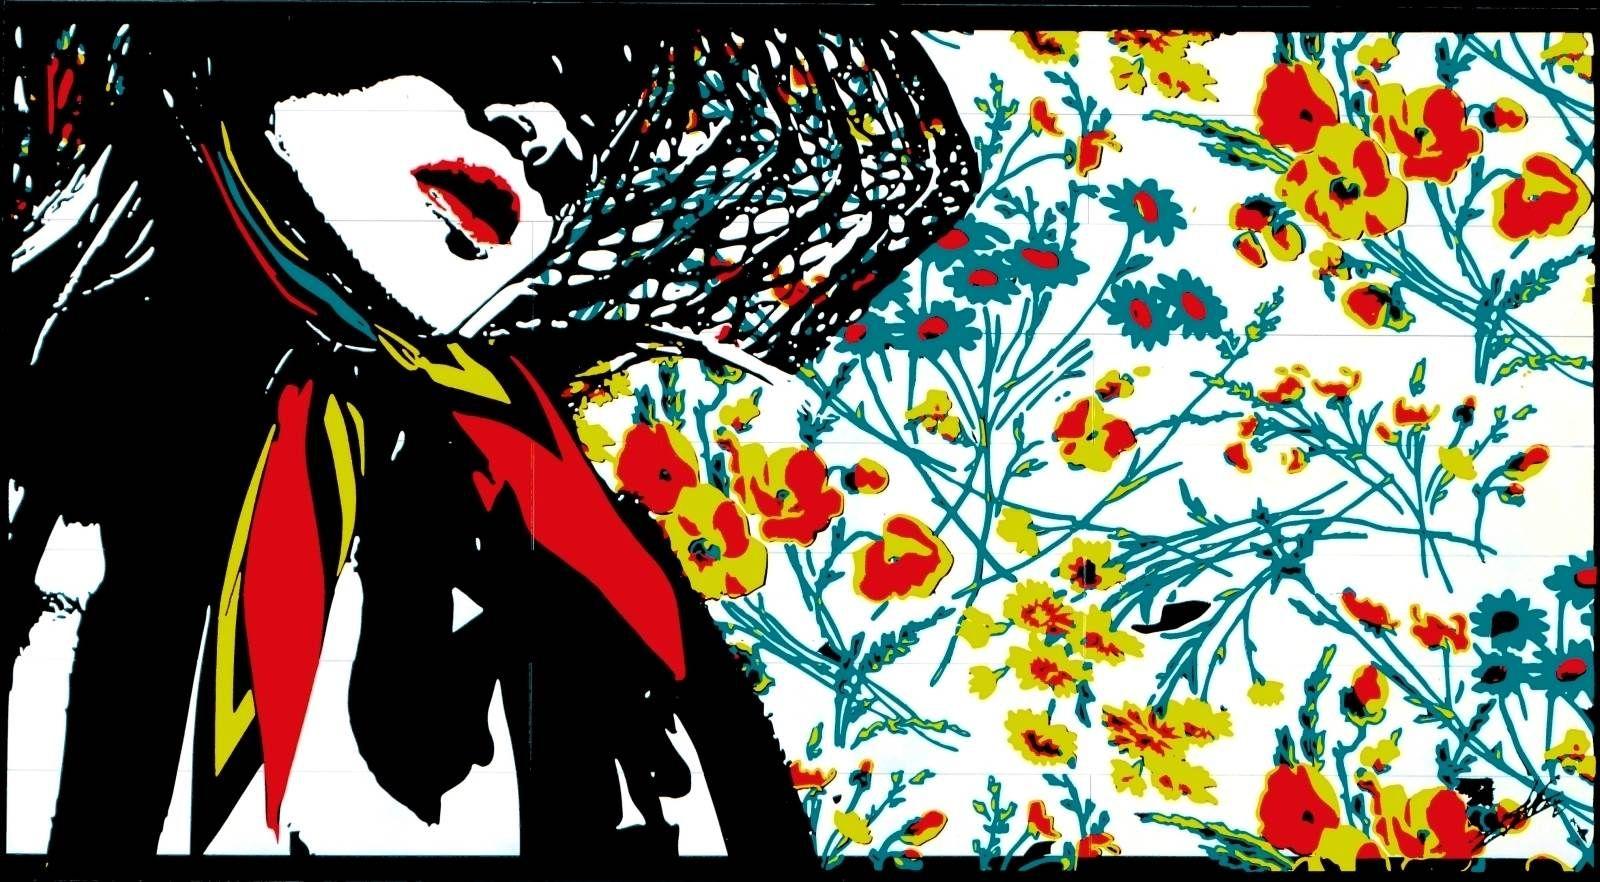 tableau peinture acrylique pop art color moderne design femme visage chapeau fleur coquelicot. Black Bedroom Furniture Sets. Home Design Ideas